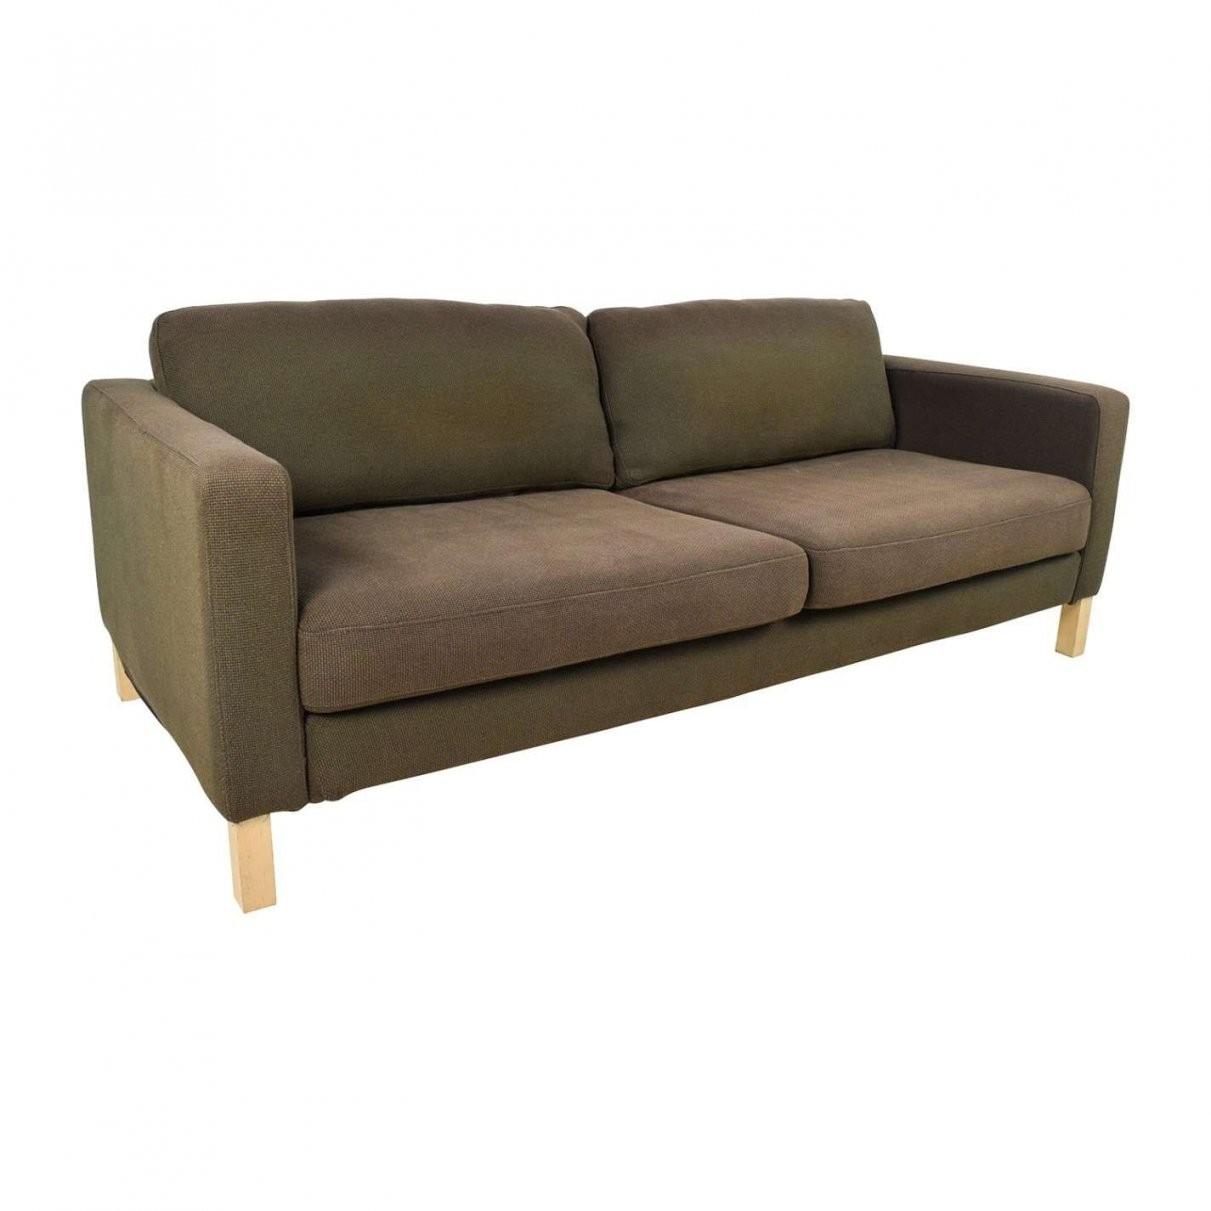 2 Sitzer Sofa Mit Schlaffunktion Bettkasten Luxus 35 Schön Couch Mit von 2 Sitzer Sofa Mit Schlaffunktion Bettkasten Bild